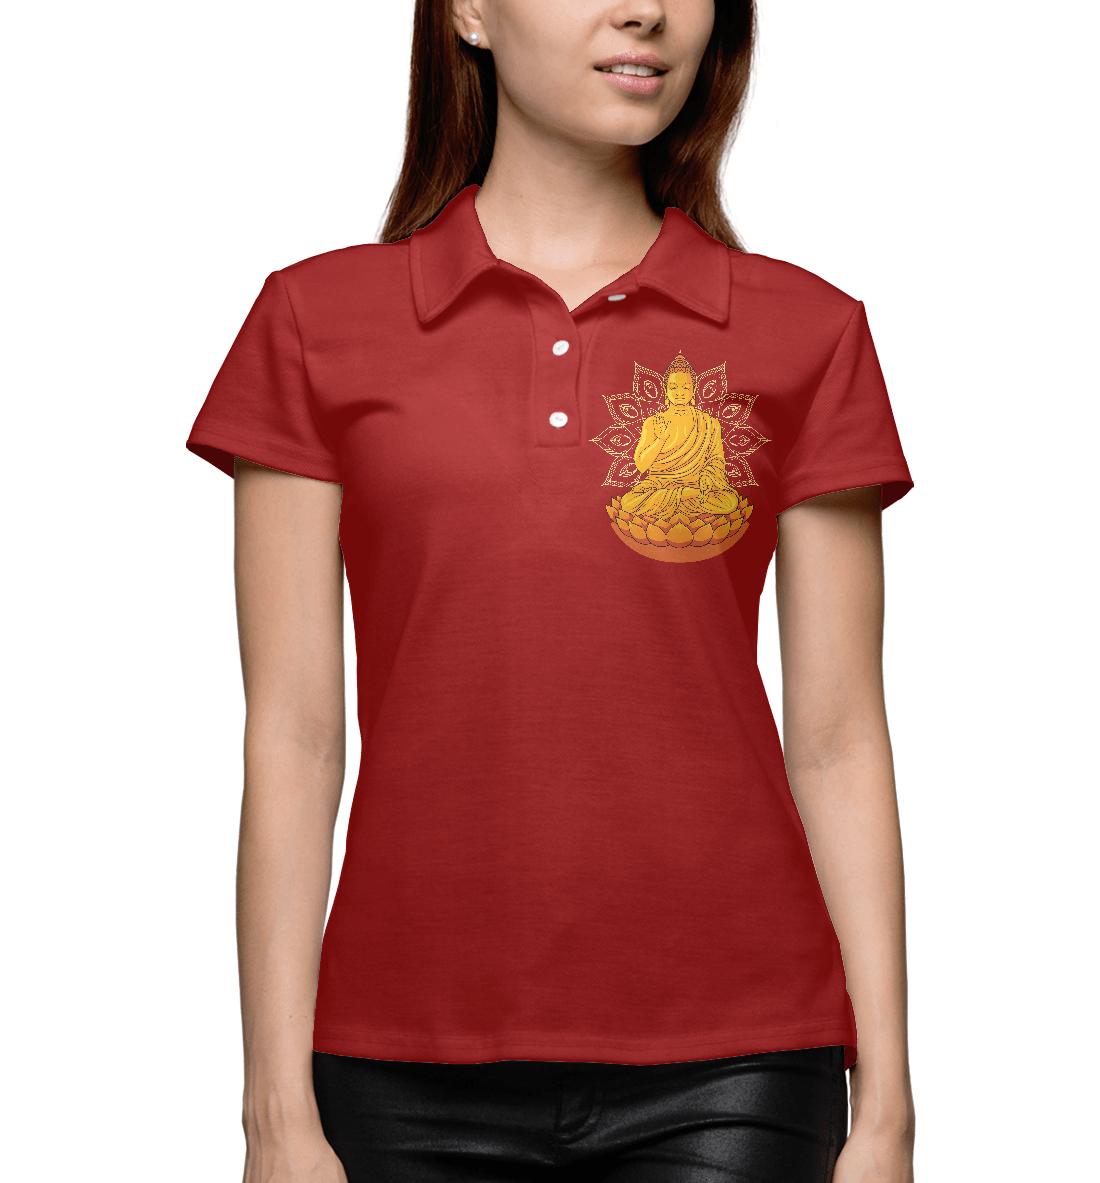 Купить Золотой Будда на лотосе с мандалой, Printbar, Поло, PSY-619583-pol-1